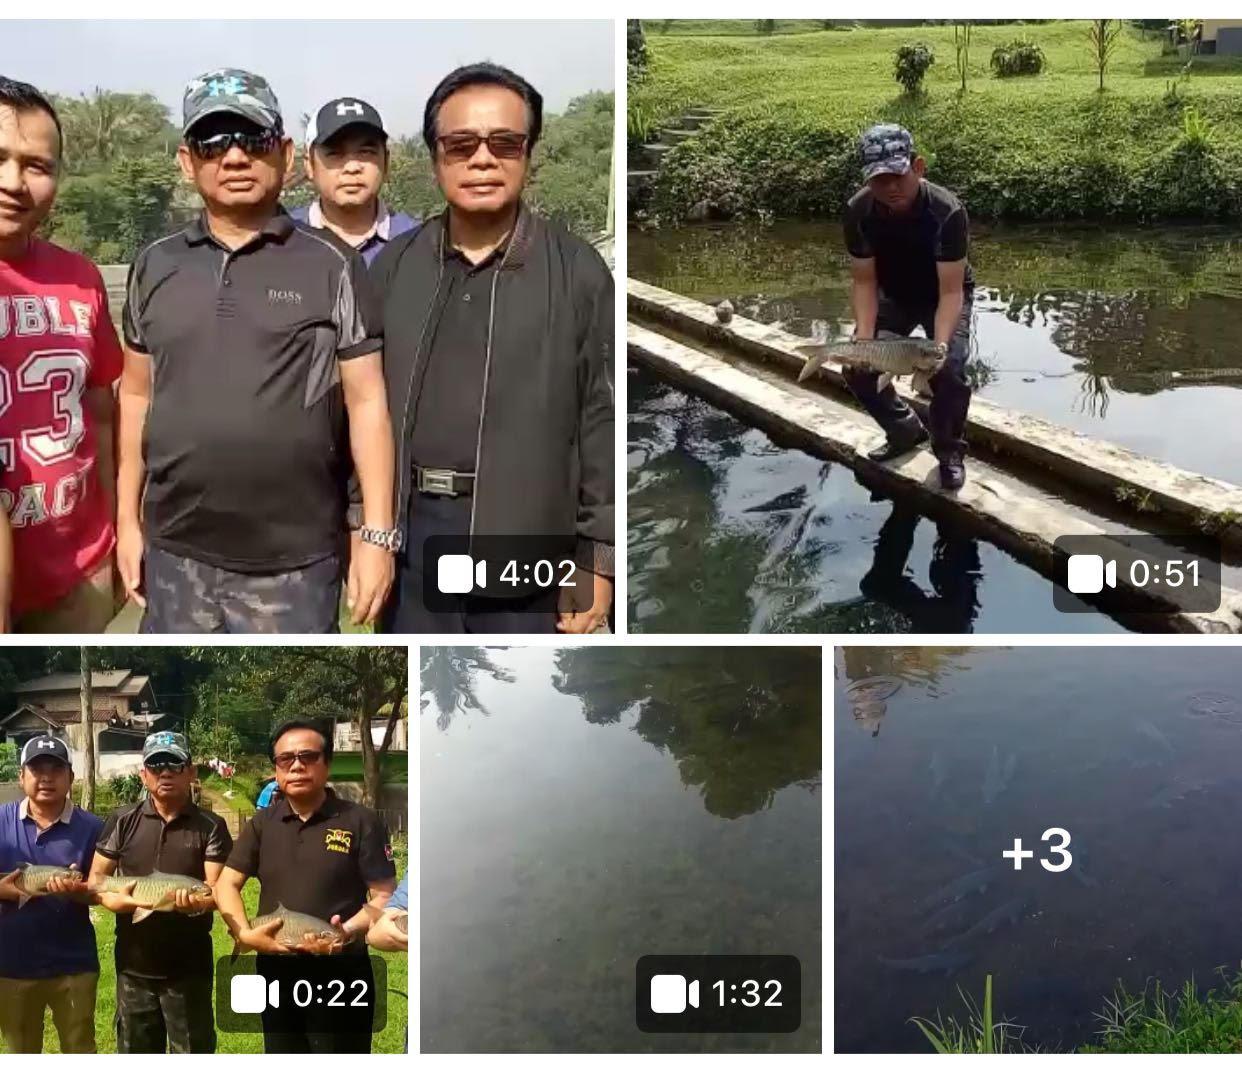 Ketua PB HKK Nasional Tabur Ikan Semah.